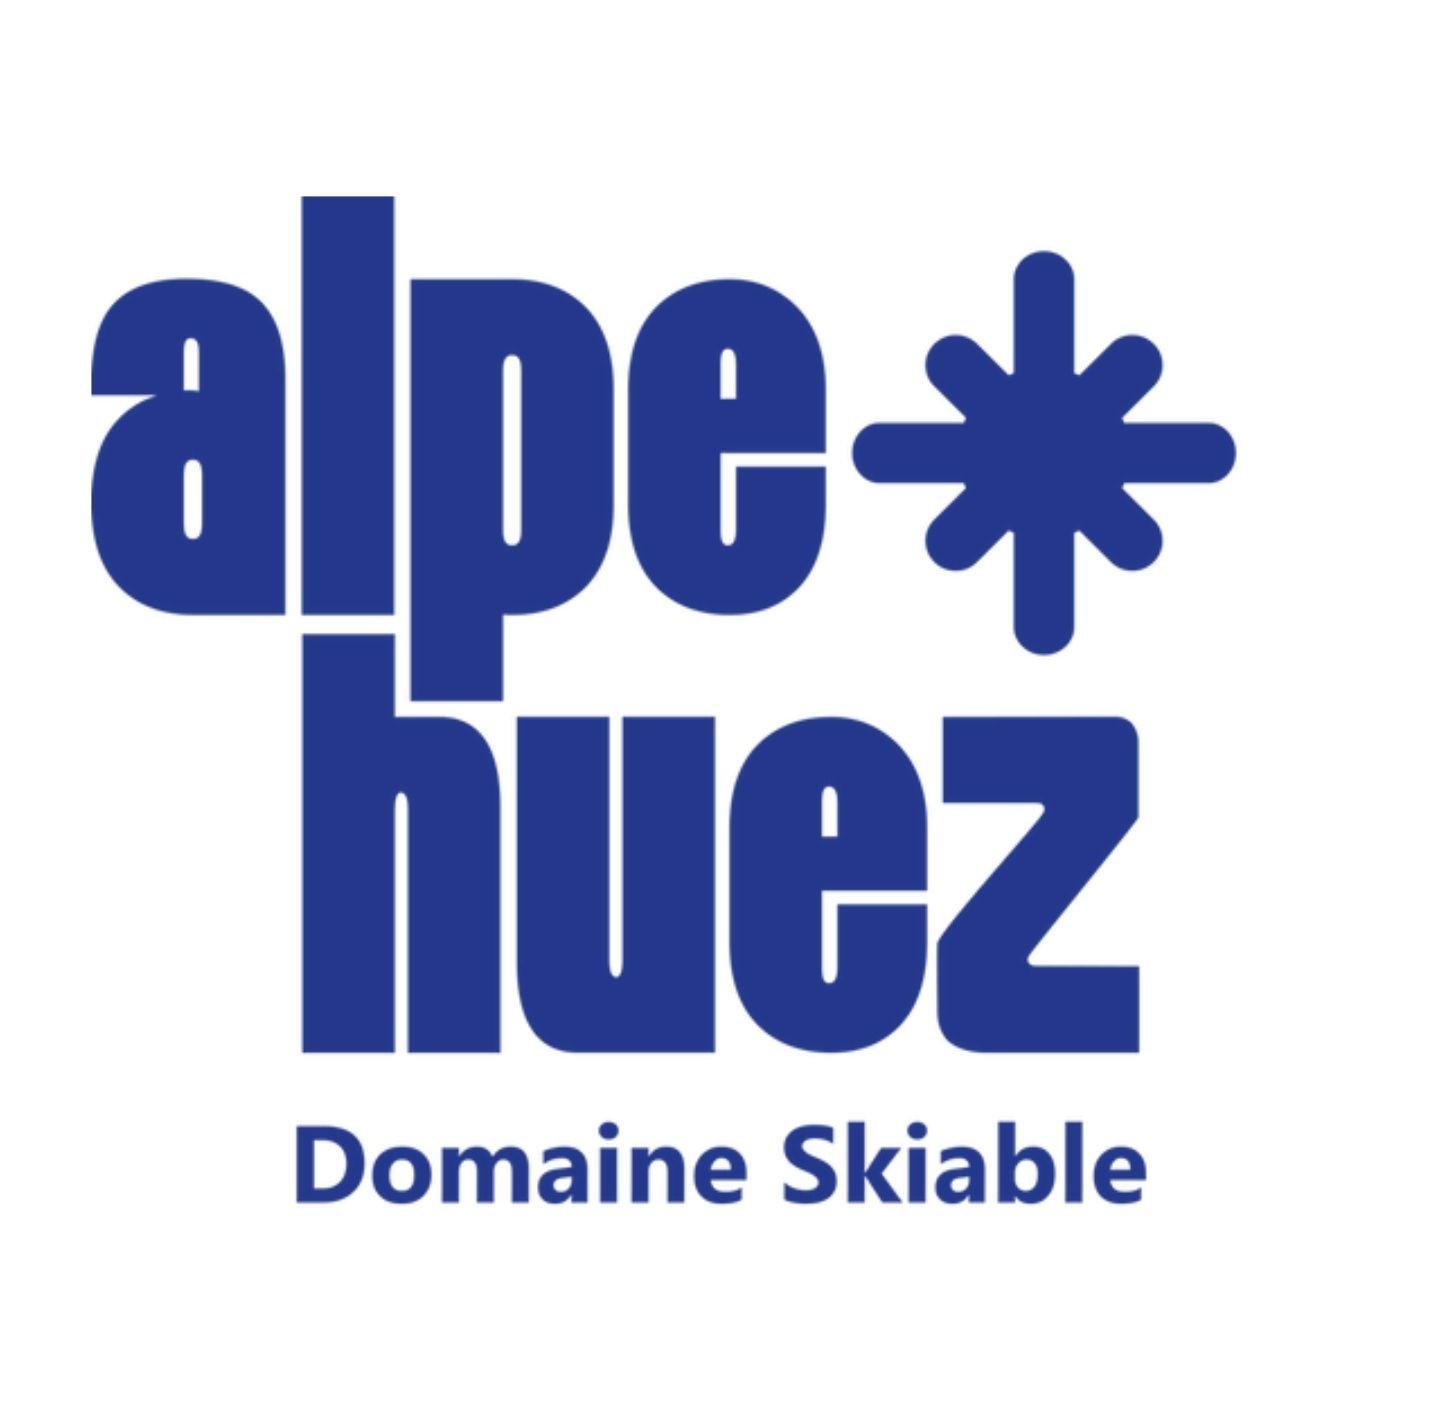 Forfait de ski à la journée - Alpe d'Huez (38)